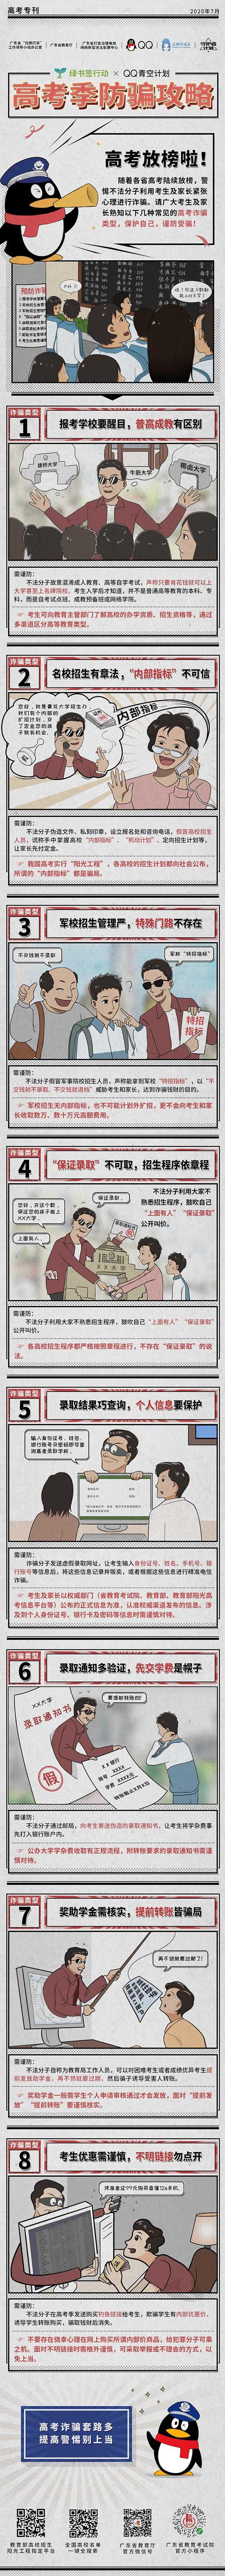 《高考季防骗攻略》在广东推出 腾讯供图